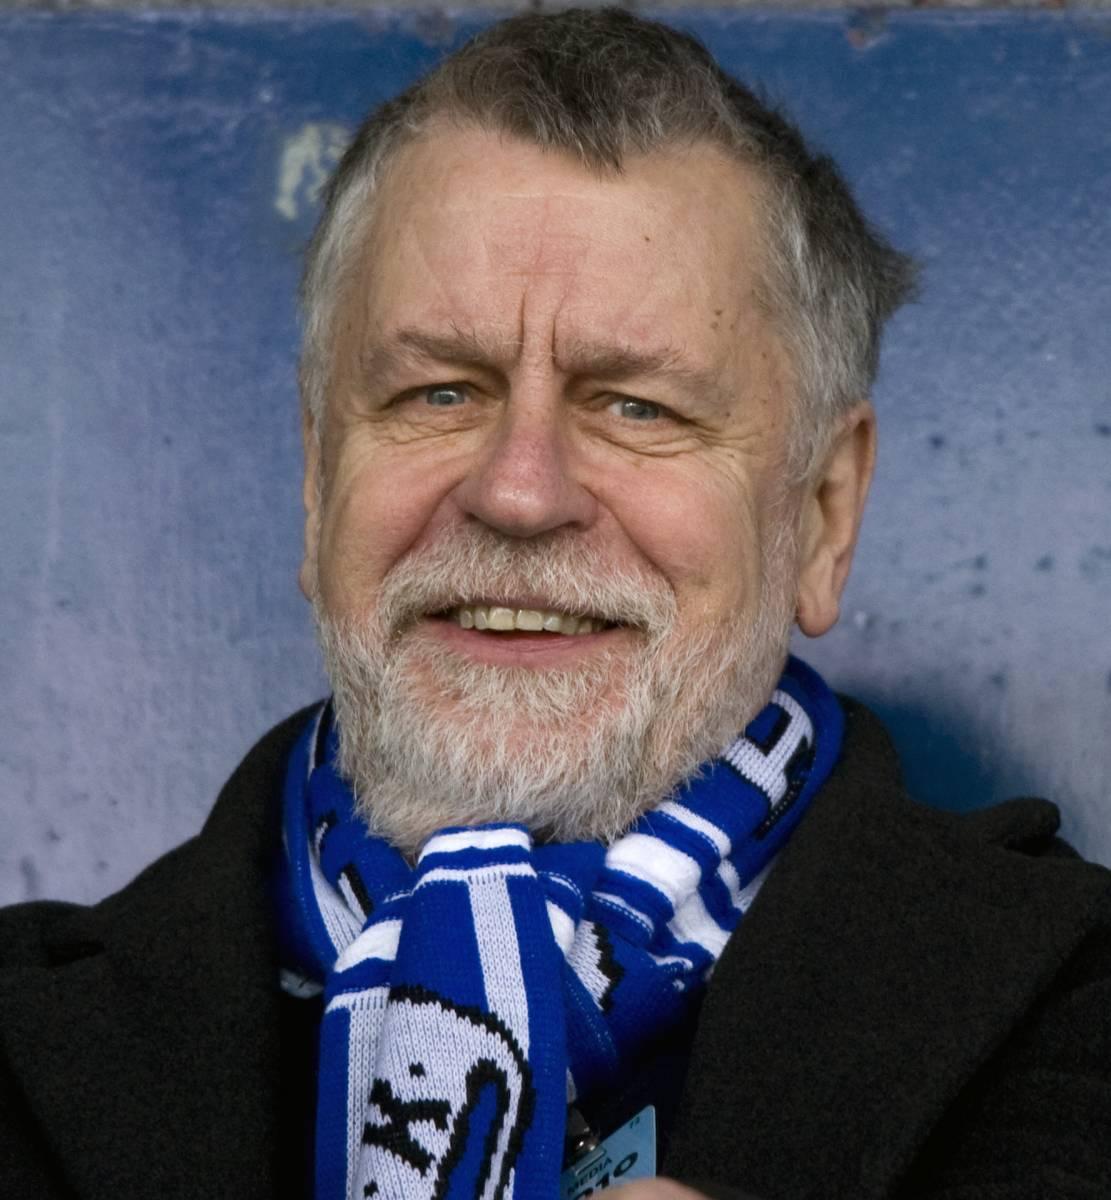 Björn Hellberg håller på Halmstad BK i allsvenskan.